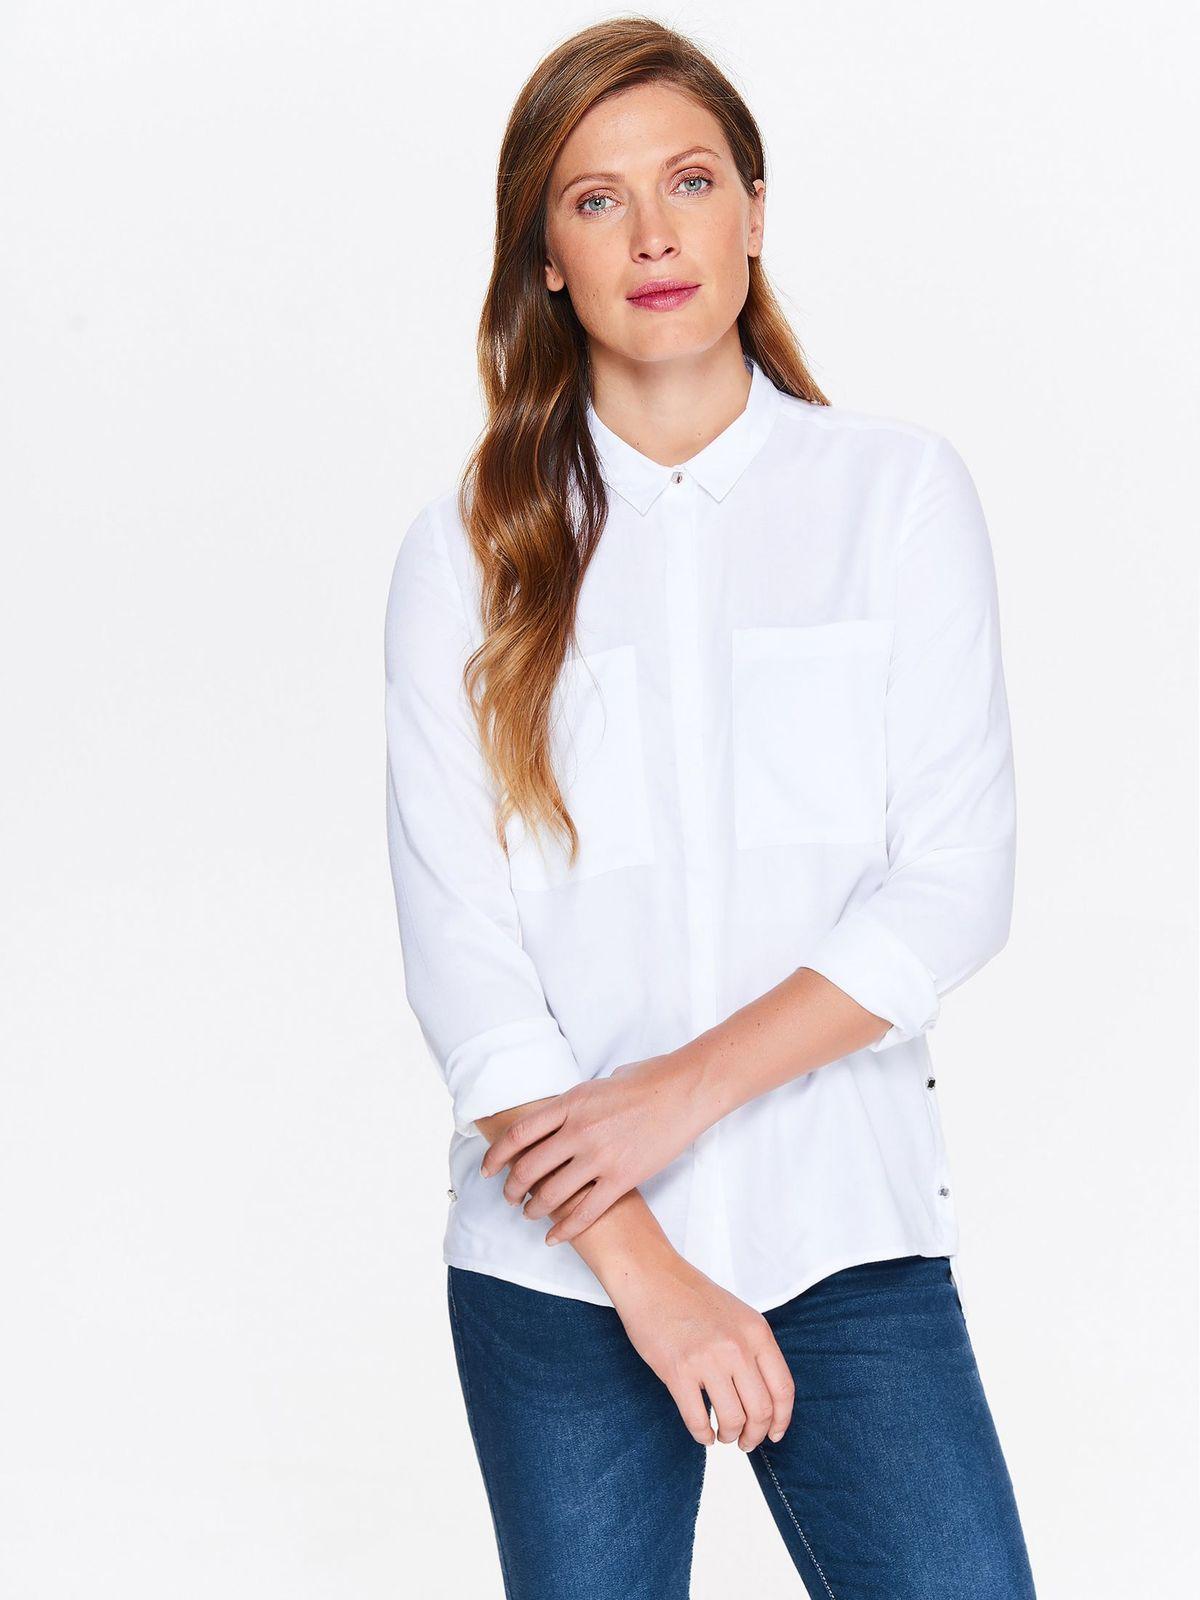 TOP SECRET TOP SECRET γυναικειο πουκαμισο